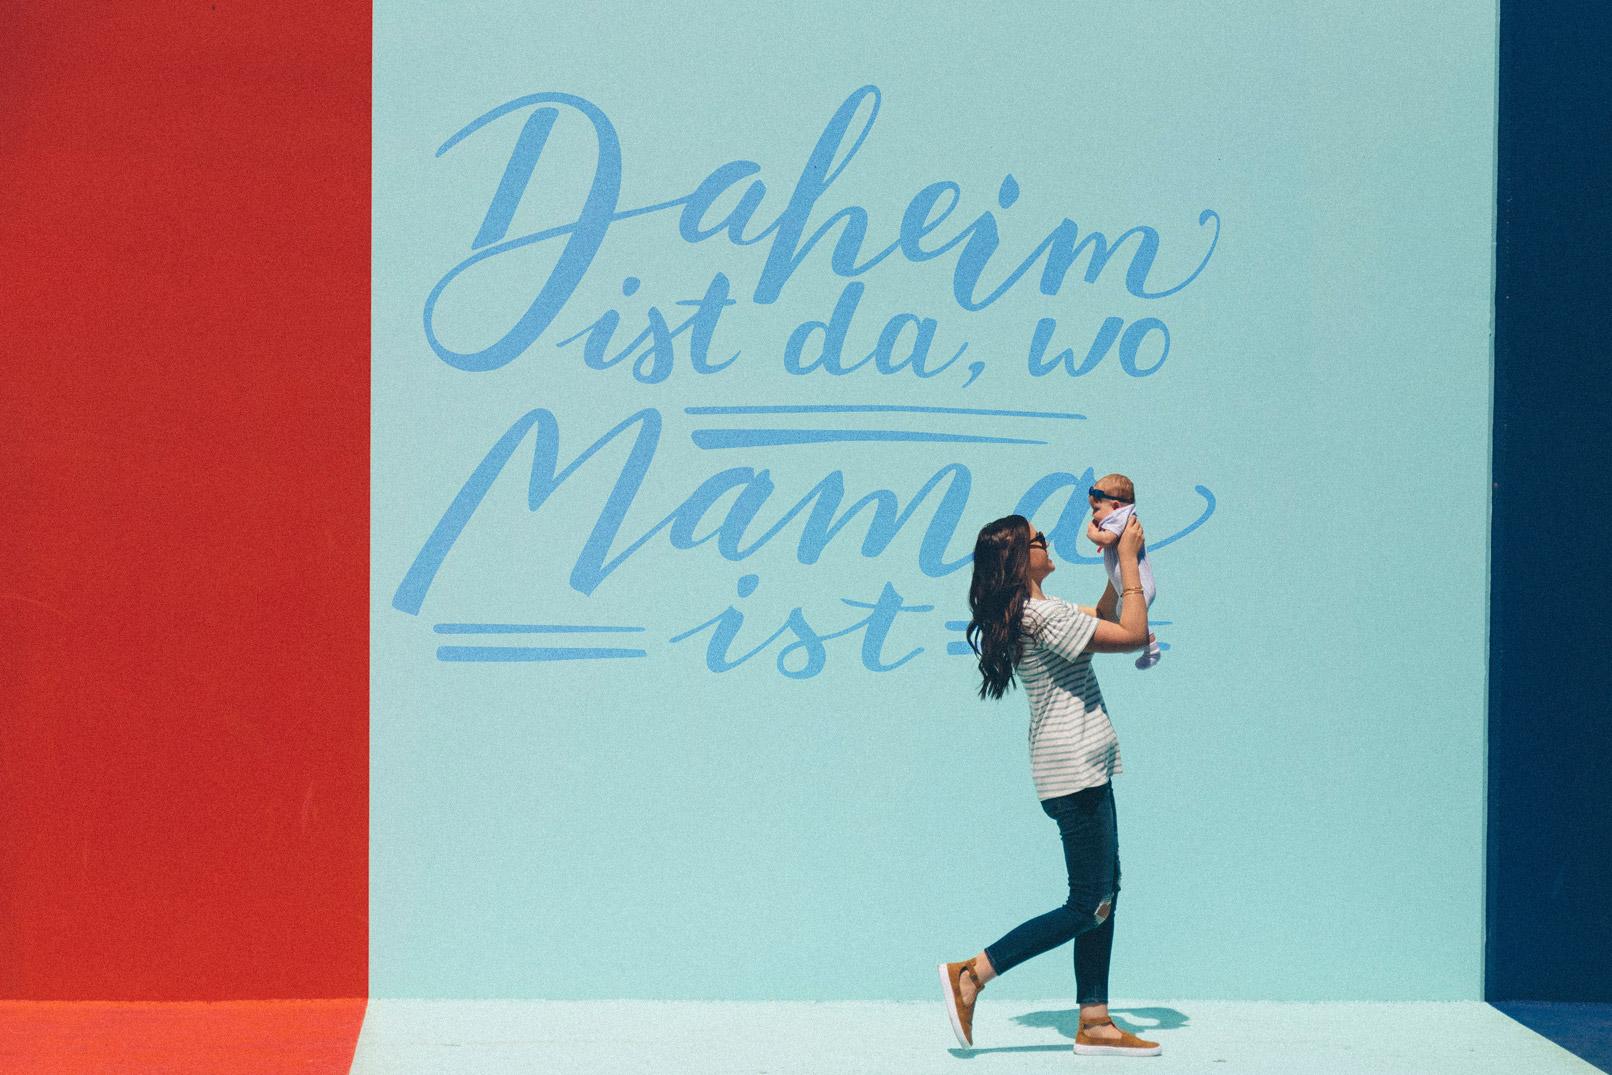 Foto einer Frau mit Kind, im Hintergrund ist ein Handlettering eingefügt